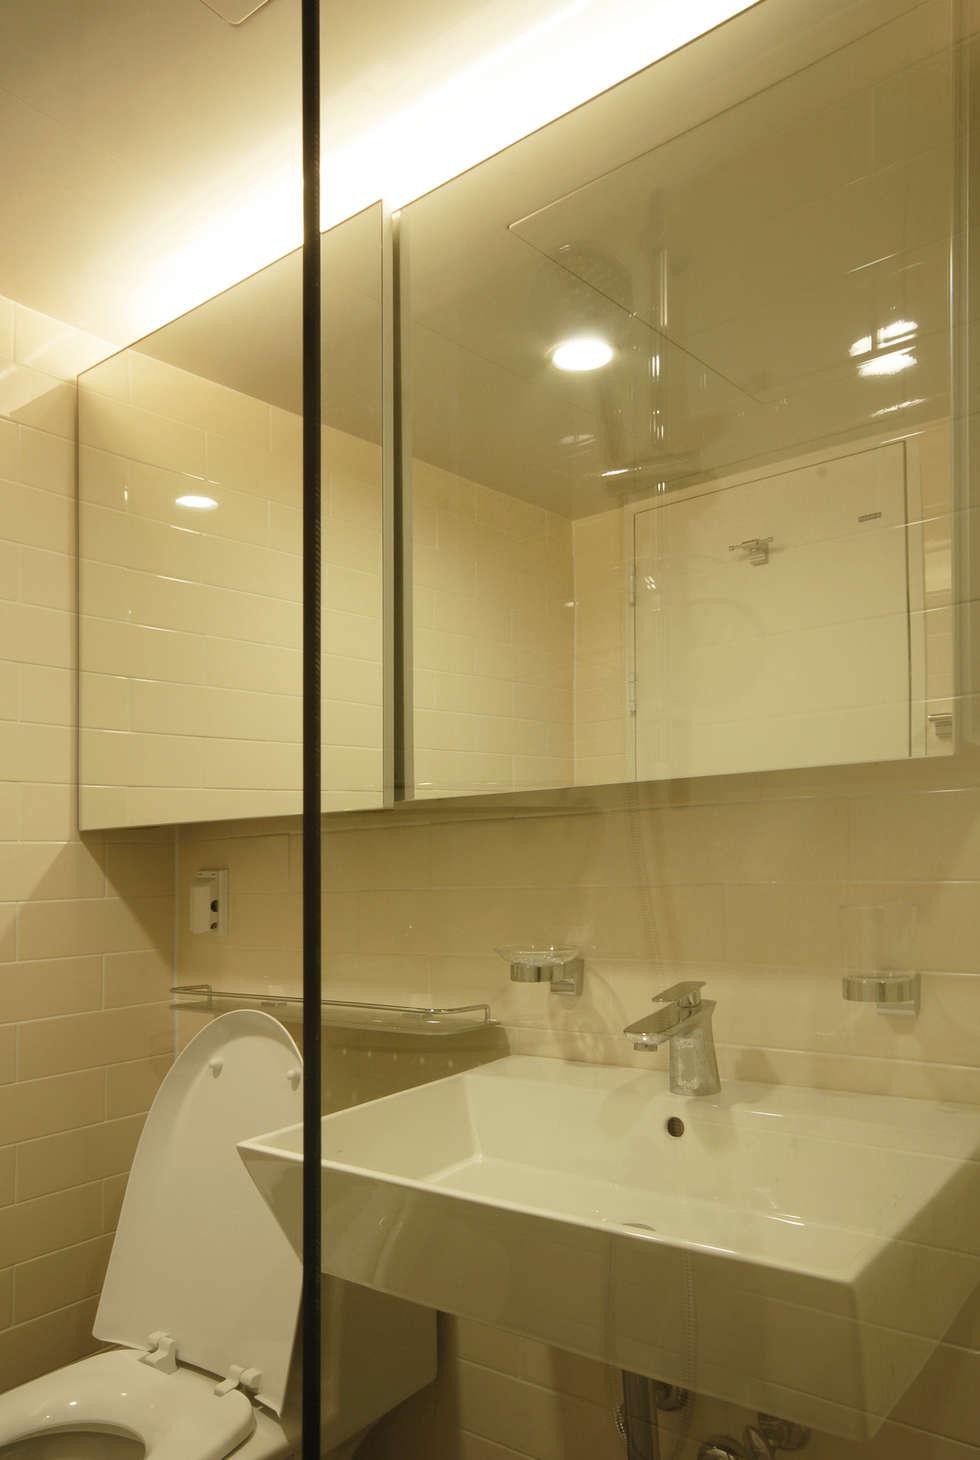 D Apartment (106sqm.): By Seog Be Seog | 바이석비석의  화장실